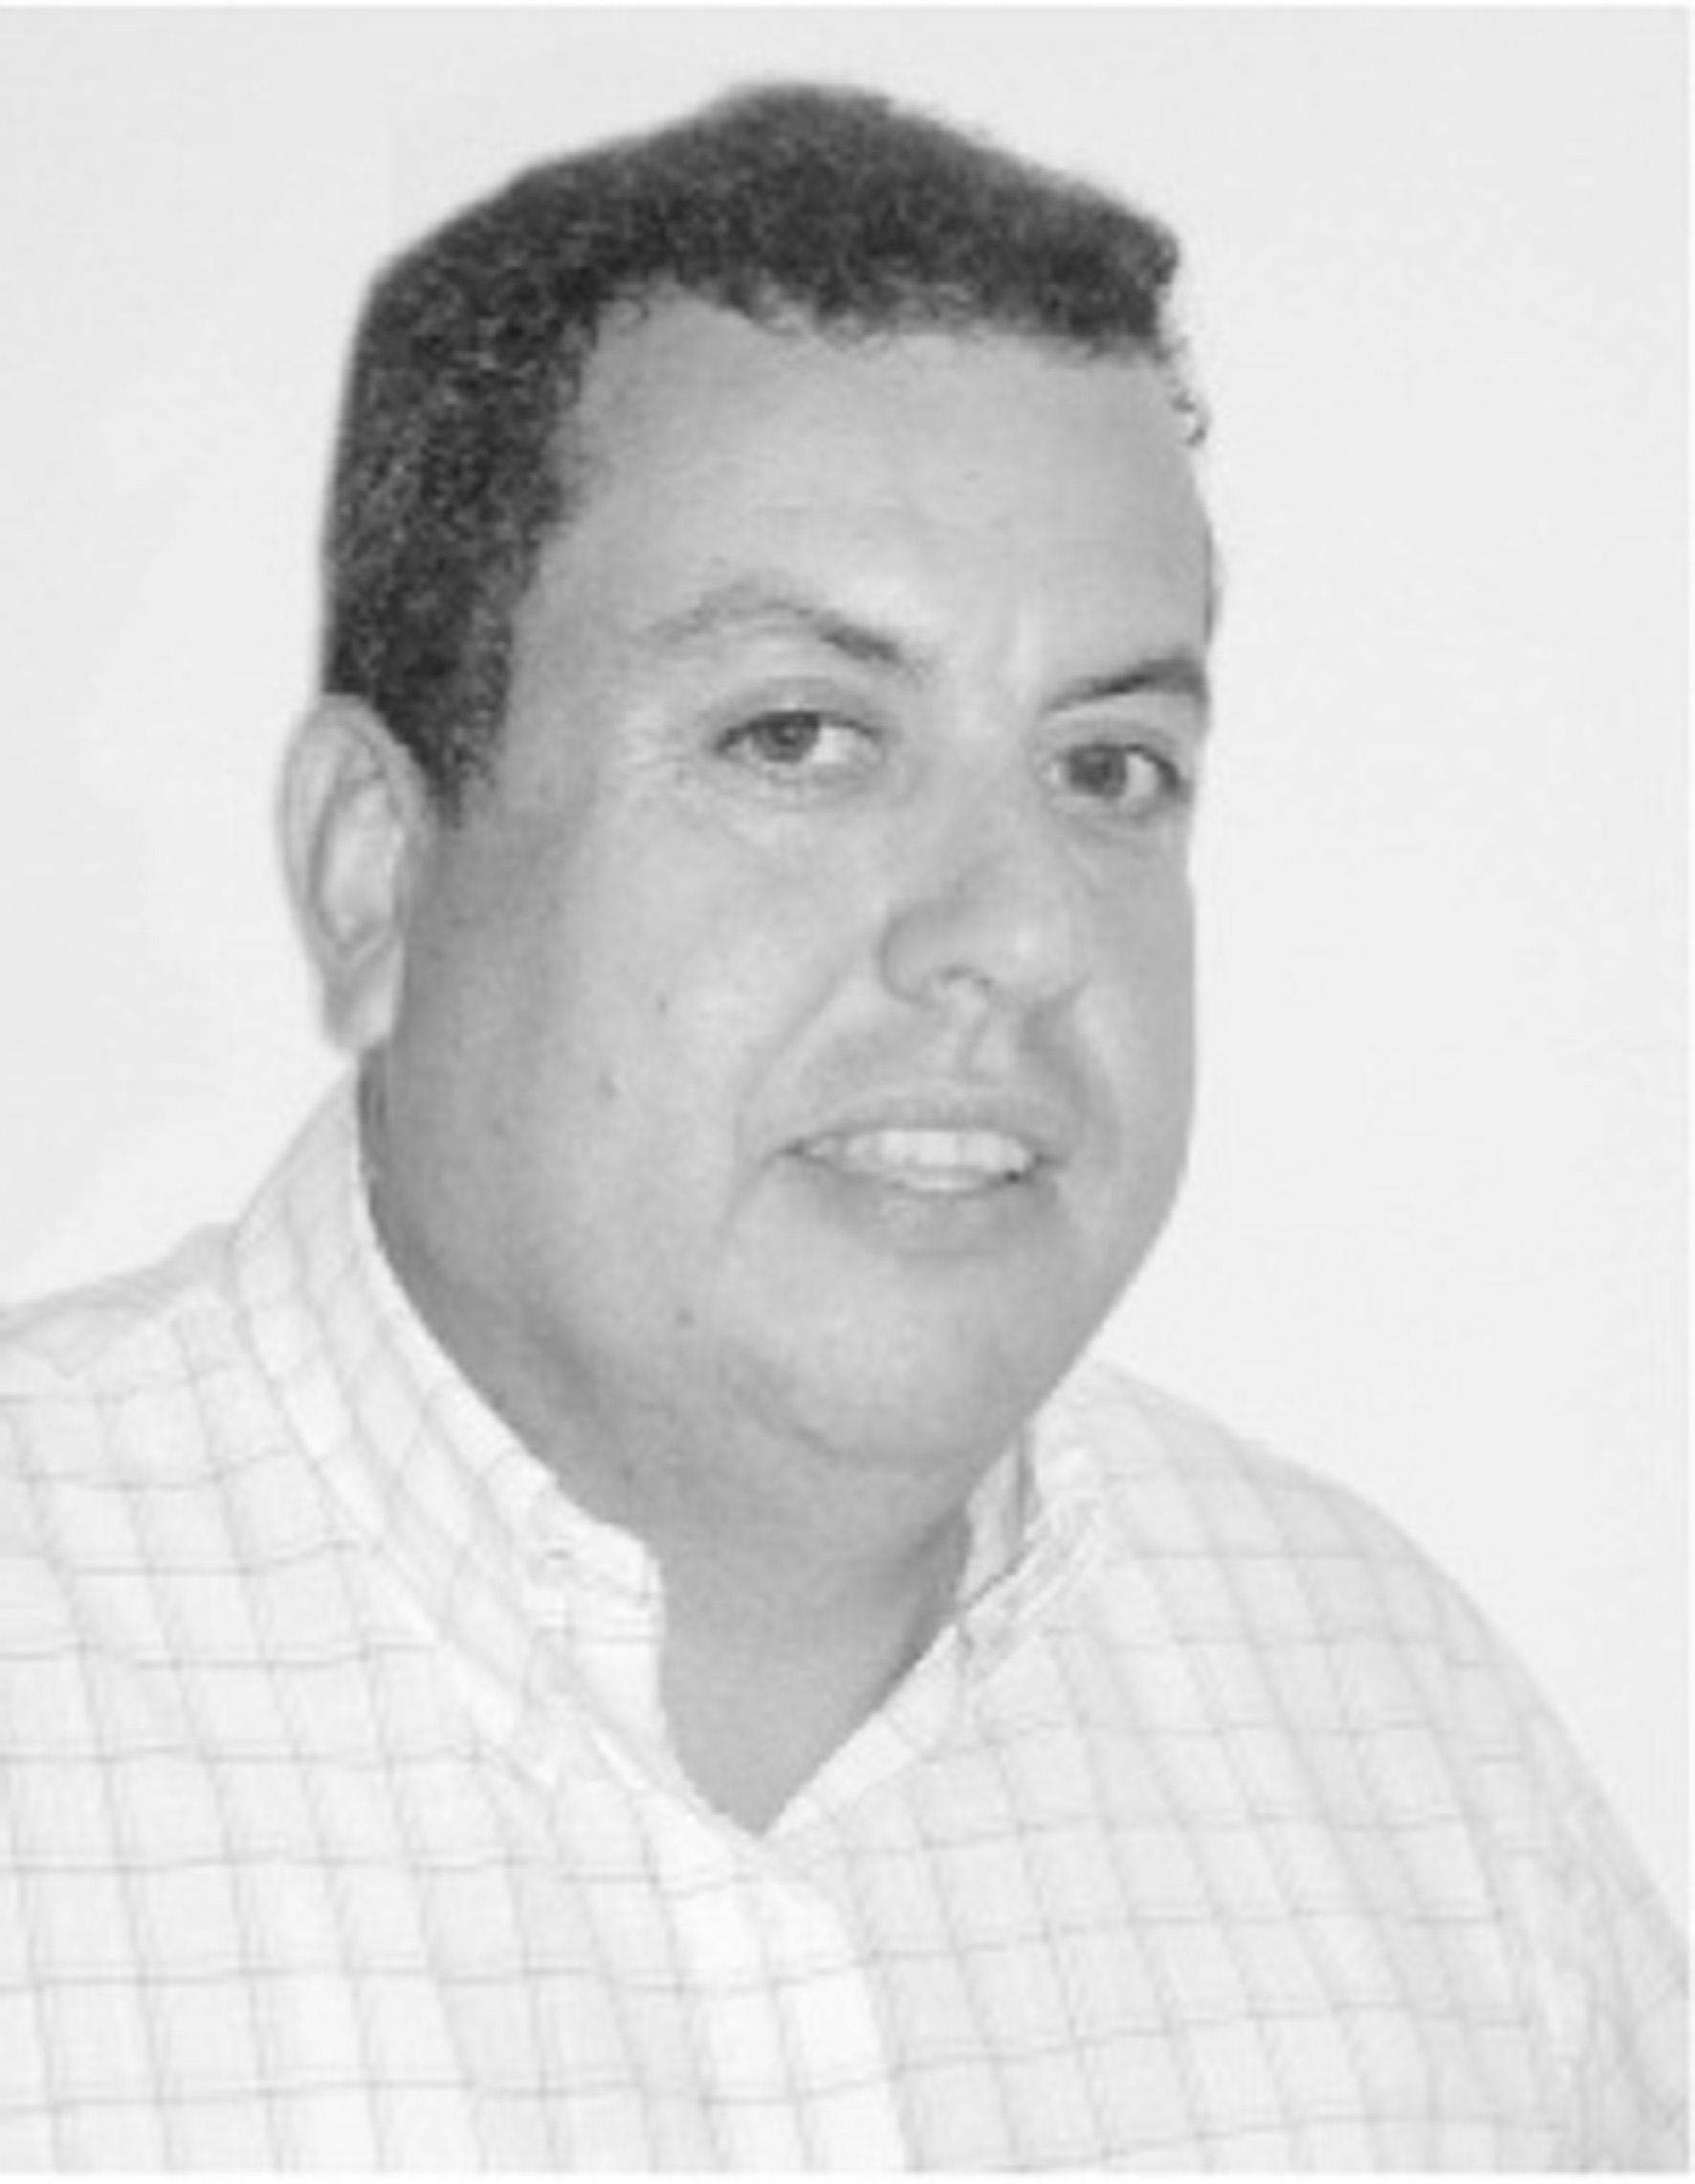 Miedo a la injusticia, ¿o al régimen? Por: Ángel Alirio Moreno Mateus  | Opinión | EL FRENTE